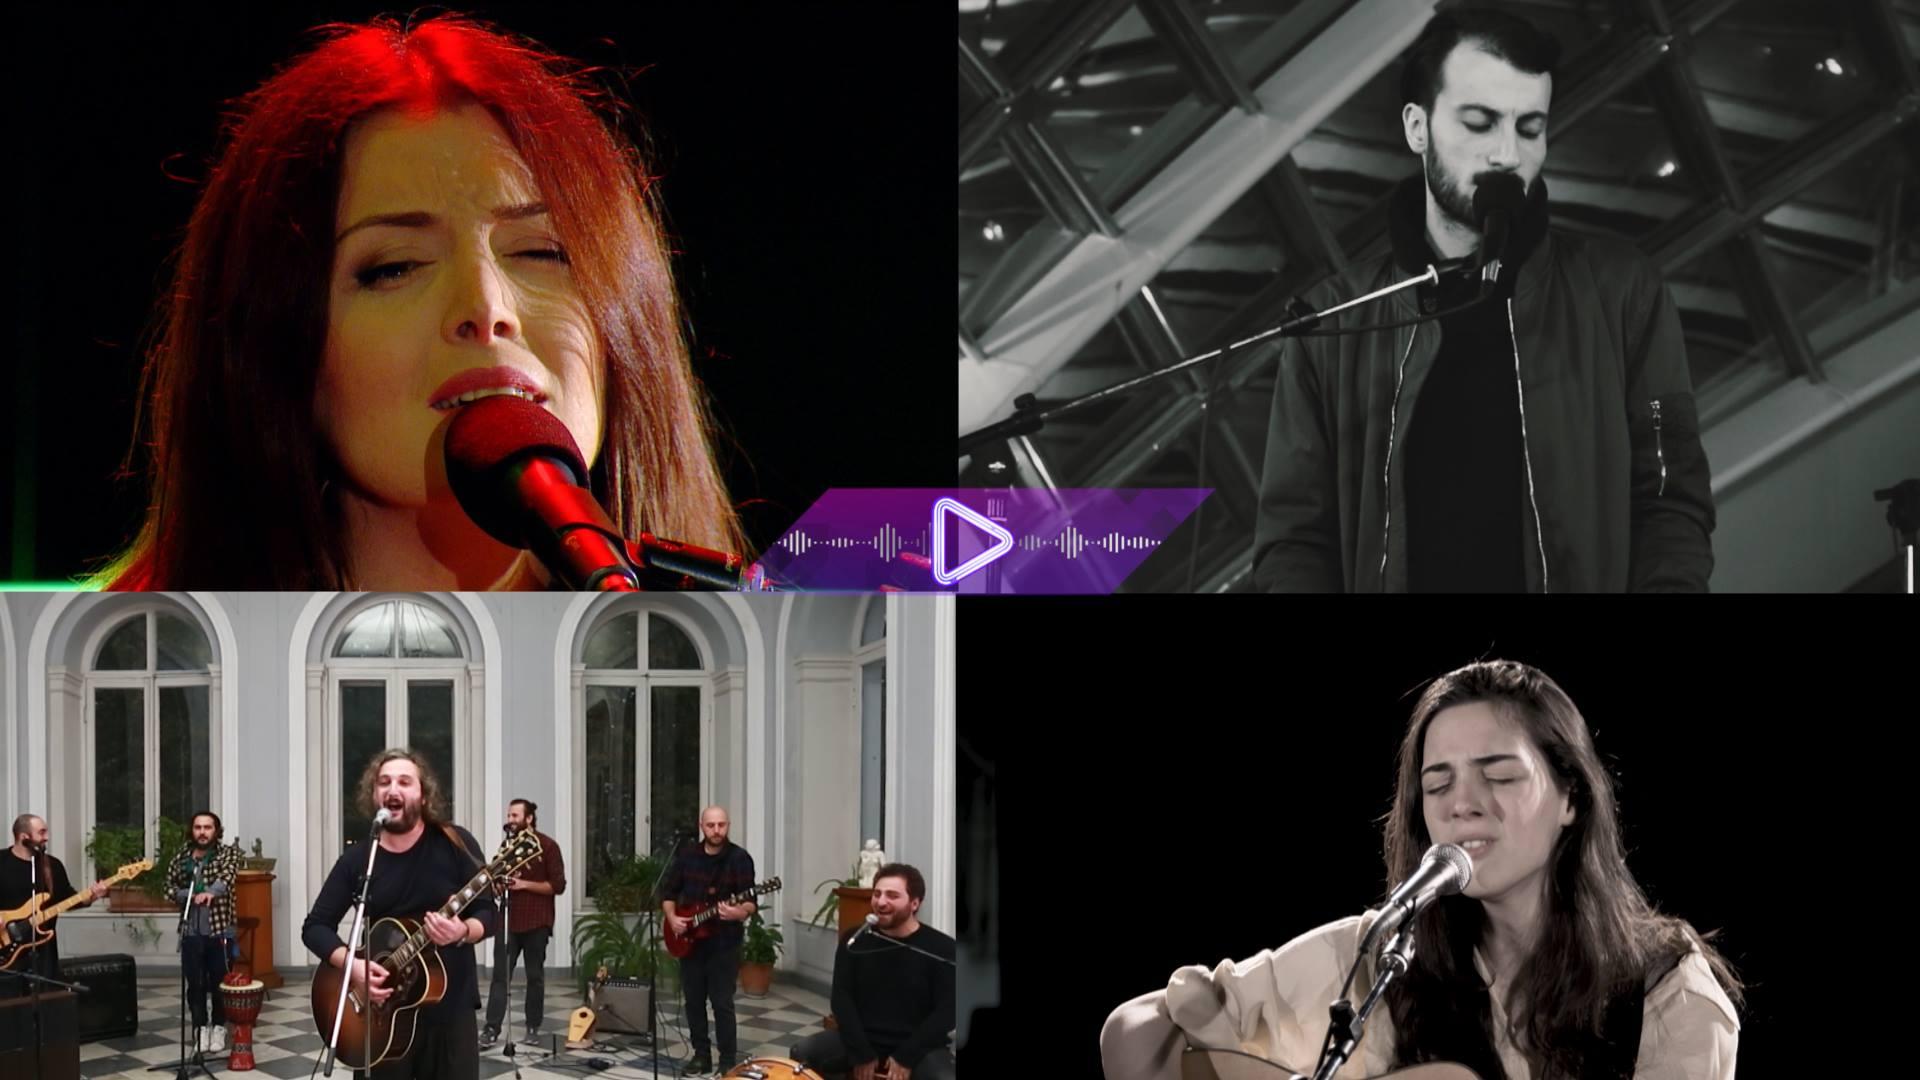 თანამედროვე ქართული მუსიკის სიახლეები - აკუსტიკაში